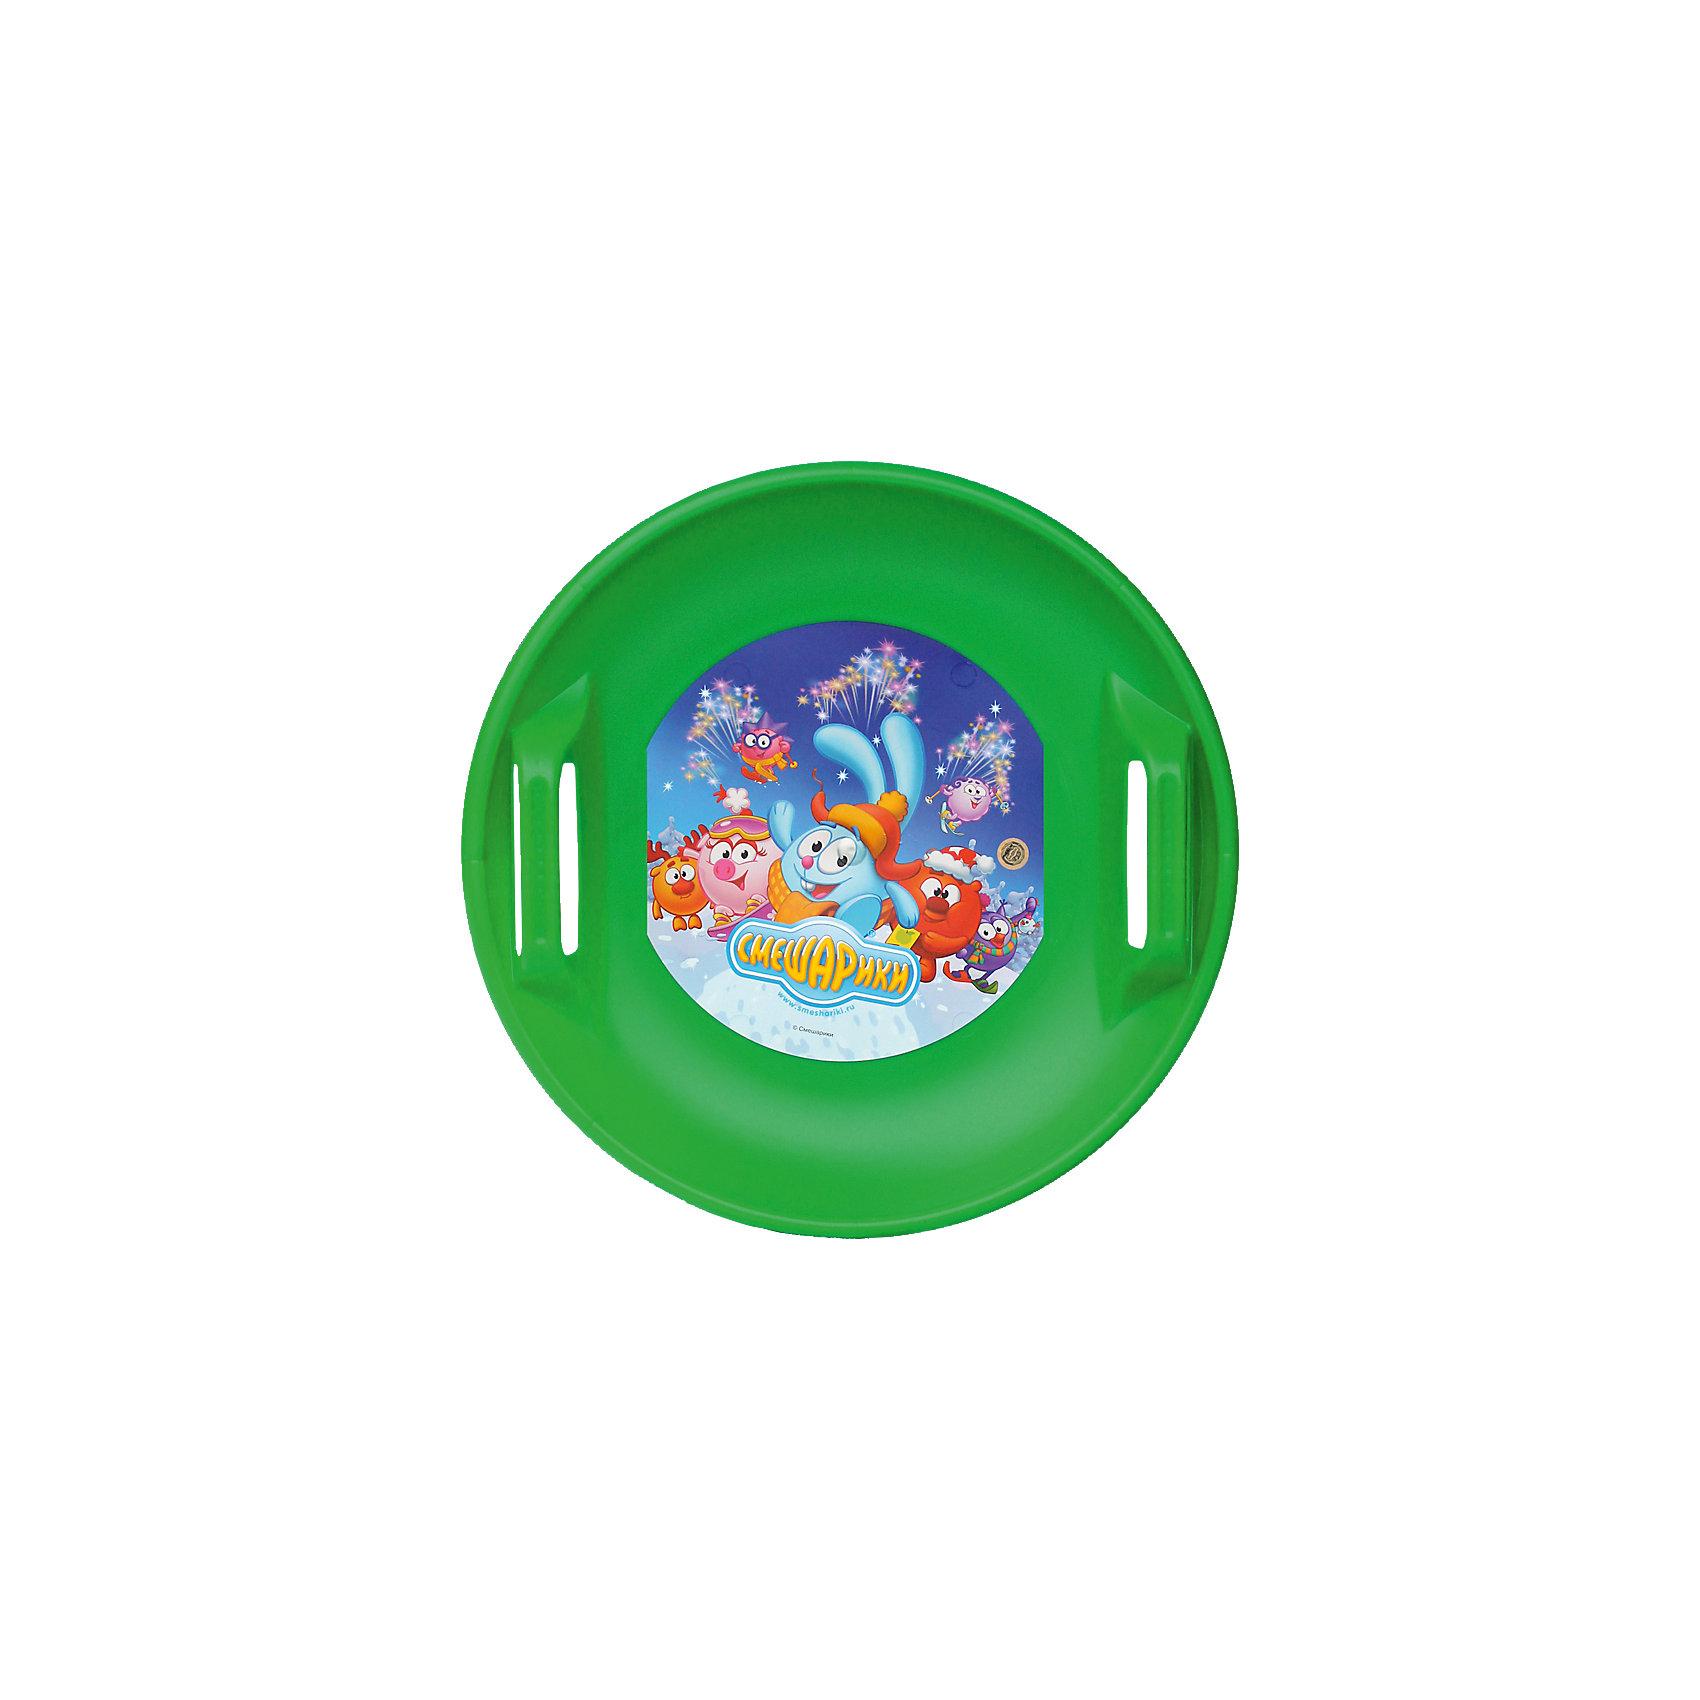 Ледянка круглая Смешарики, в ассортиментеЛедянки<br>Ледянка круглая Смешарики, в ассортименте. <br><br>Характеристика:<br><br>• Материал: морозостойкий пластик. <br>• Размер: 60х60х1 см.<br>• Удобные ручки.<br>• Максимальный вес ребенка: 90 кг<br>• Вес ледянки: 0,8 кг.<br><br><br>Яркая ледянка с изображением любимых героев - идеальный вариант для катания с горок! Ледянка изготовлена из прочного морозостойкого пластика, отлично скользит по снегу и льду, очень легкая и манёвренная, имеет боковые ручки, за которые удобно держаться во время катания или же переноски. Воздушная прослойка хорошо сохраняет тепло и смягчает удары при подпрыгивании, делая катание еще комфортнее и безопаснее. <br>Игры на свежем воздухе и катание с горок - прекрасный способ укрепить иммунитет и весело и с пользой провести время всей семьей. <br><br>Ледянку круглую Смешарики, в ассортименте, можно купить в нашем интернет-магазине.<br><br>Ширина мм: 600<br>Глубина мм: 600<br>Высота мм: 100<br>Вес г: 800<br>Возраст от месяцев: 36<br>Возраст до месяцев: 96<br>Пол: Унисекс<br>Возраст: Детский<br>SKU: 4245926